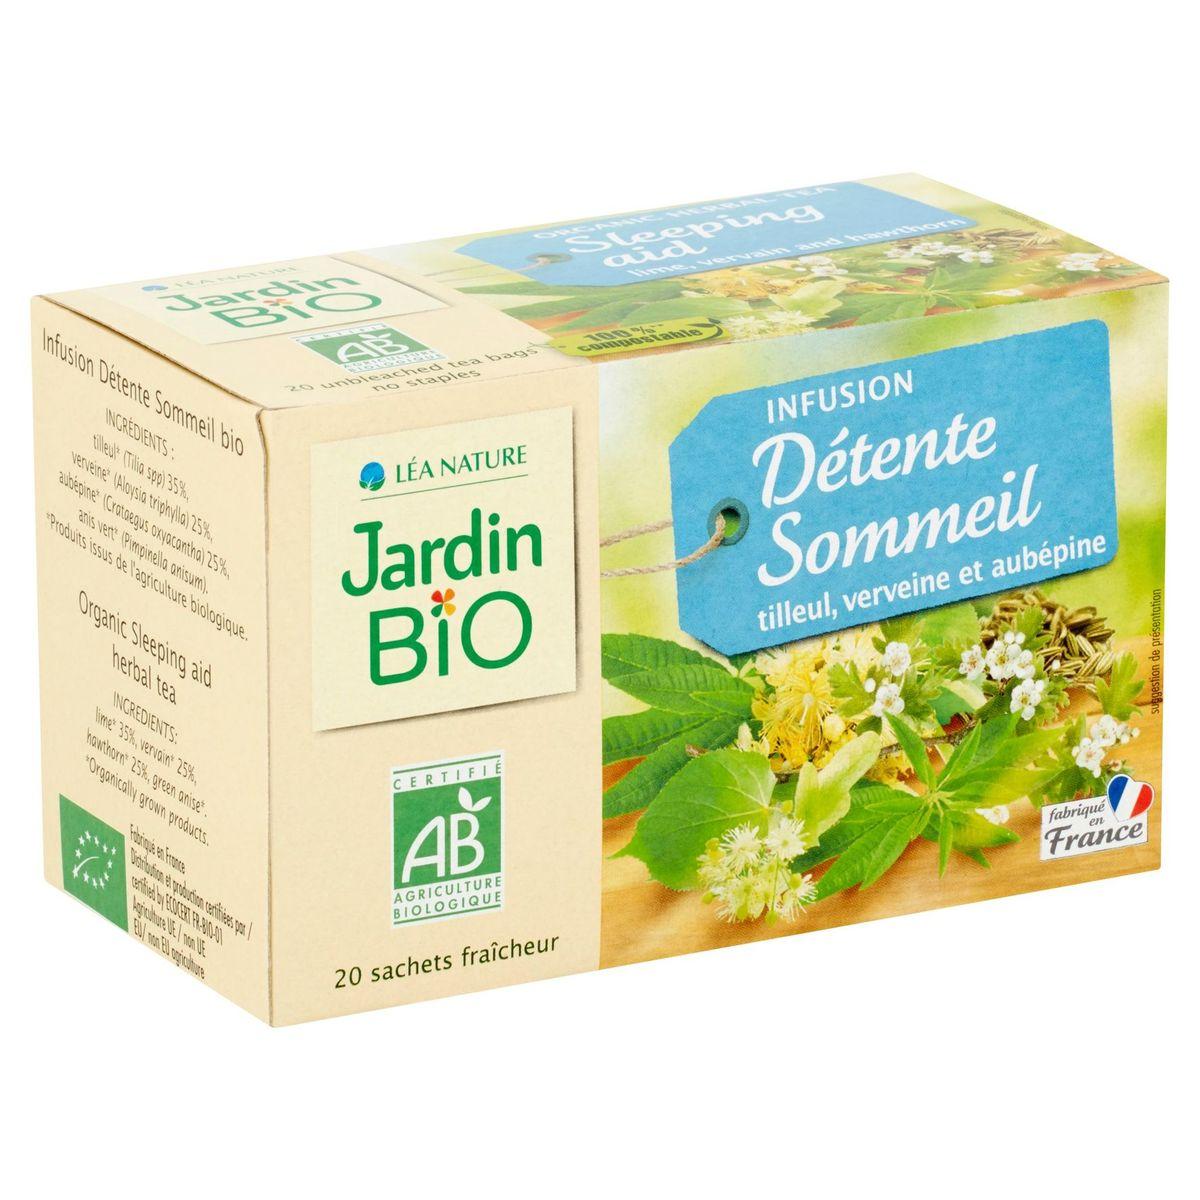 Jardin BiO ētic Détente Sommeil Tilleul, Verveine & Aubépine 30 g